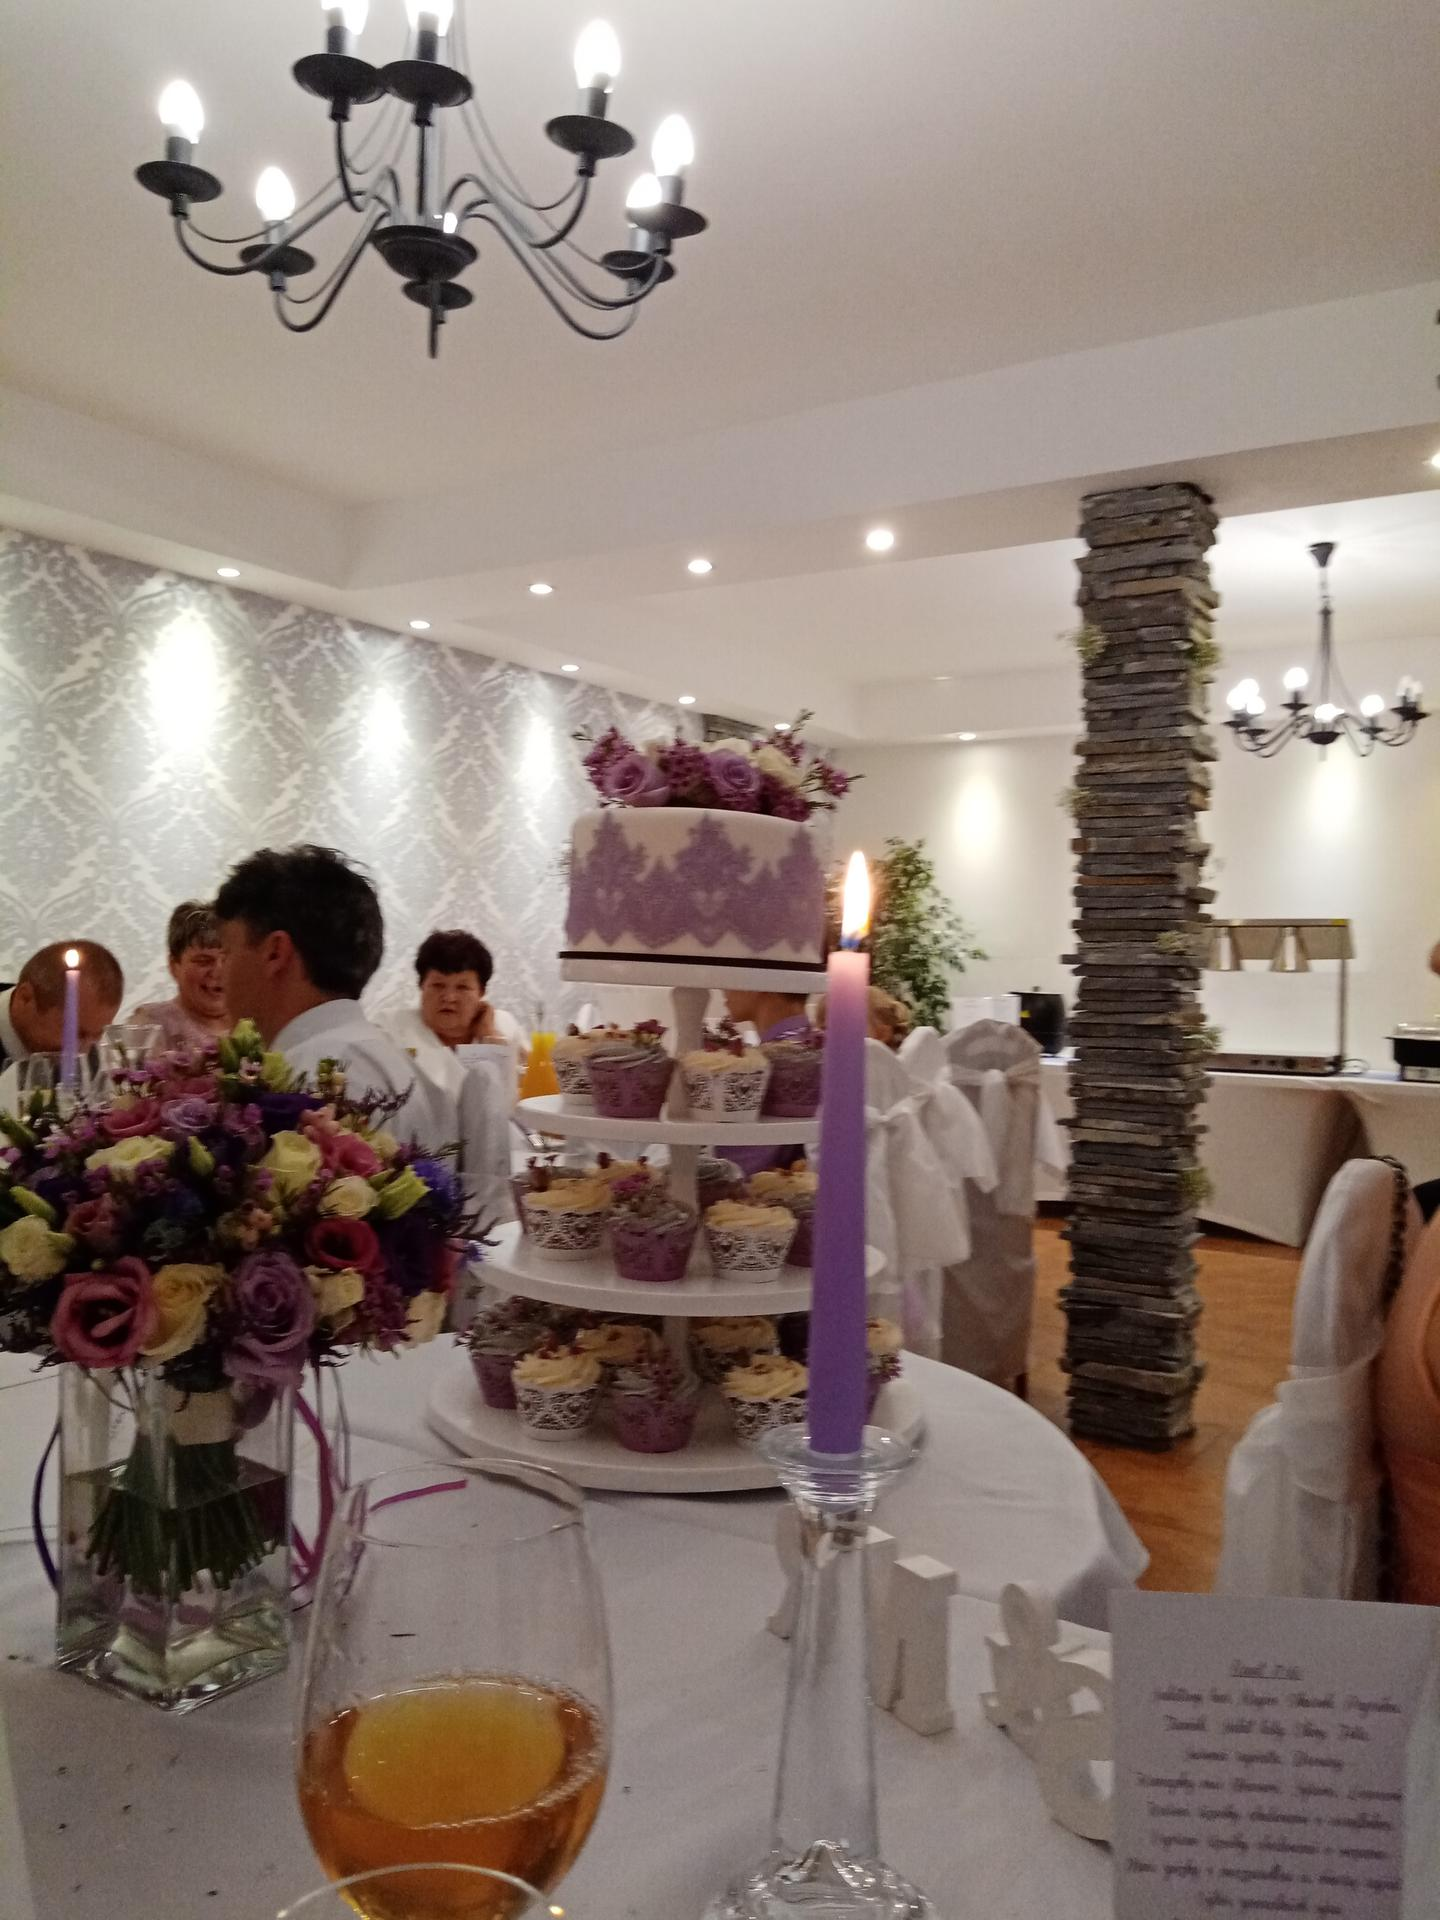 Pár fotek od svatebčanů - Obrázek č. 2